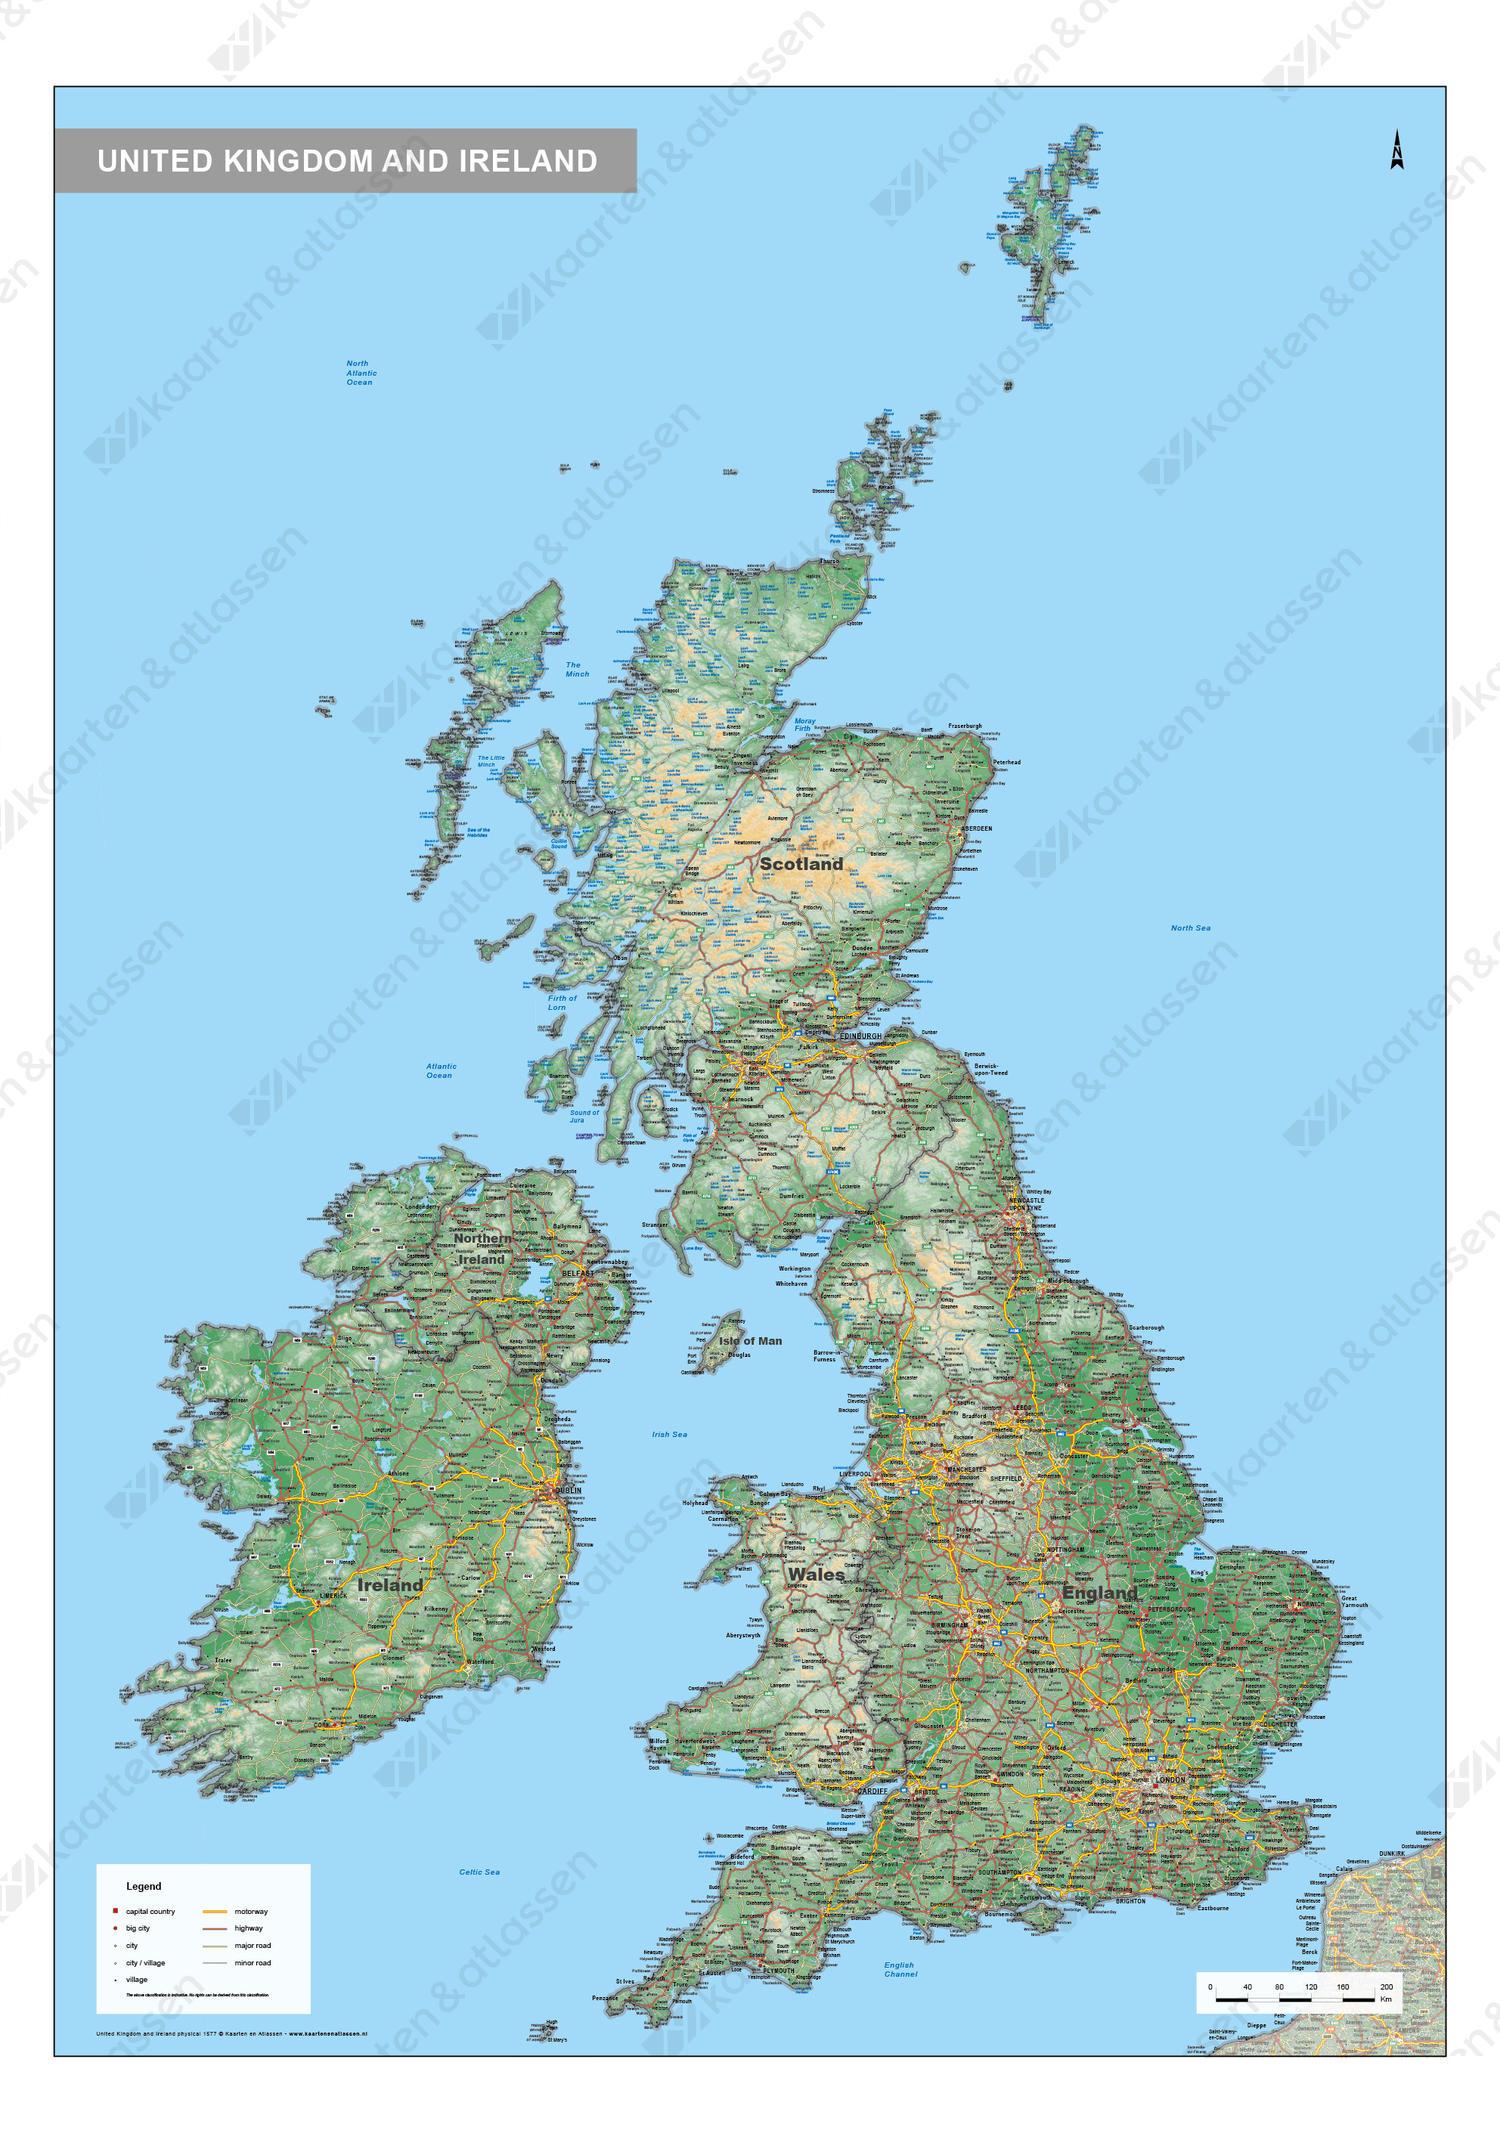 Digitale Verenigd Koninkrijk en Ierland Kaart Natuurkundig